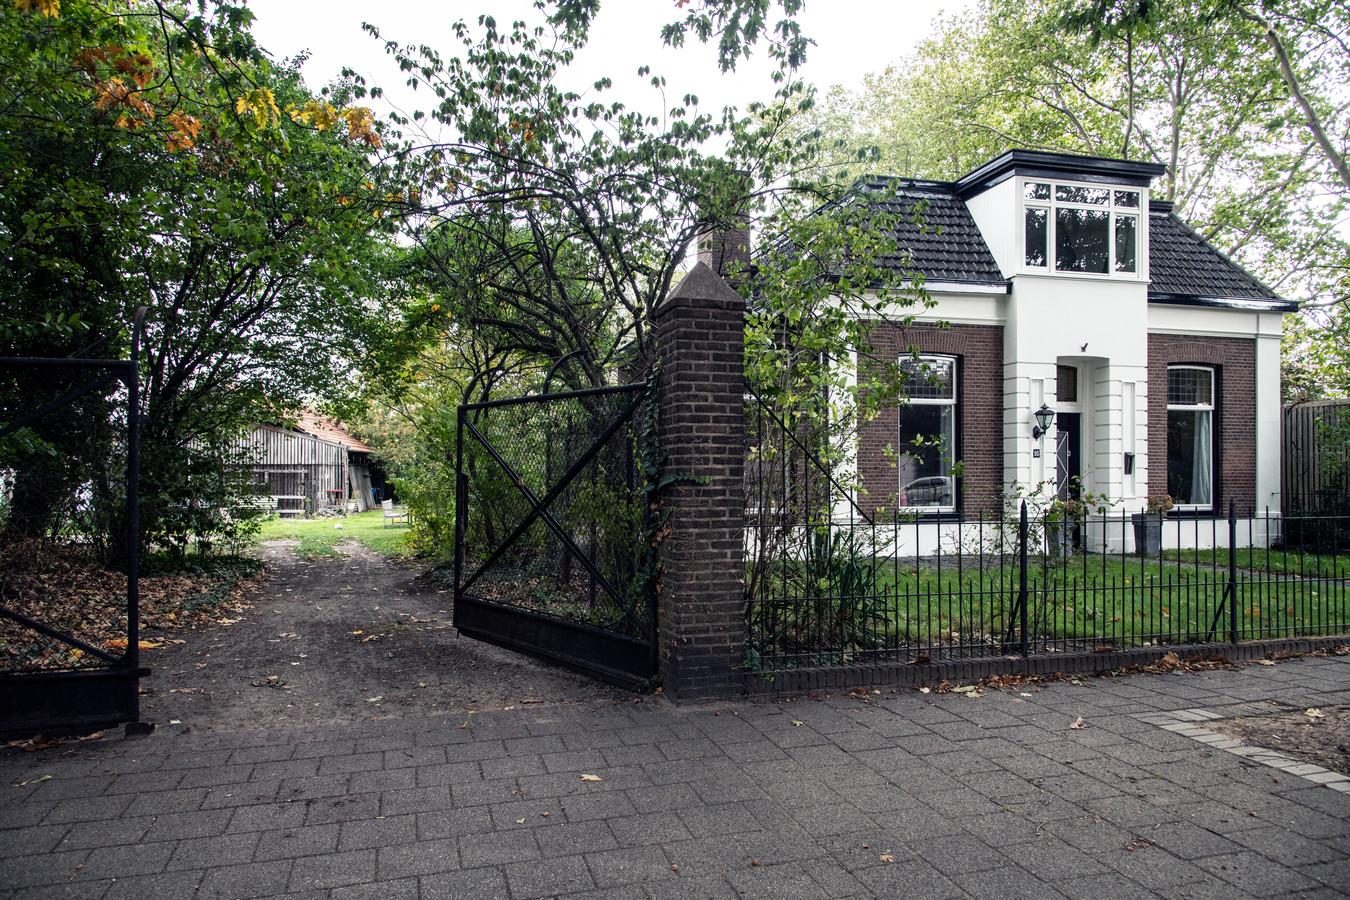 De grond rond het perceel Biezenstraat 16 is ernstig verontreinigd met lood en moet binnen een jaar worden gesaneerd.